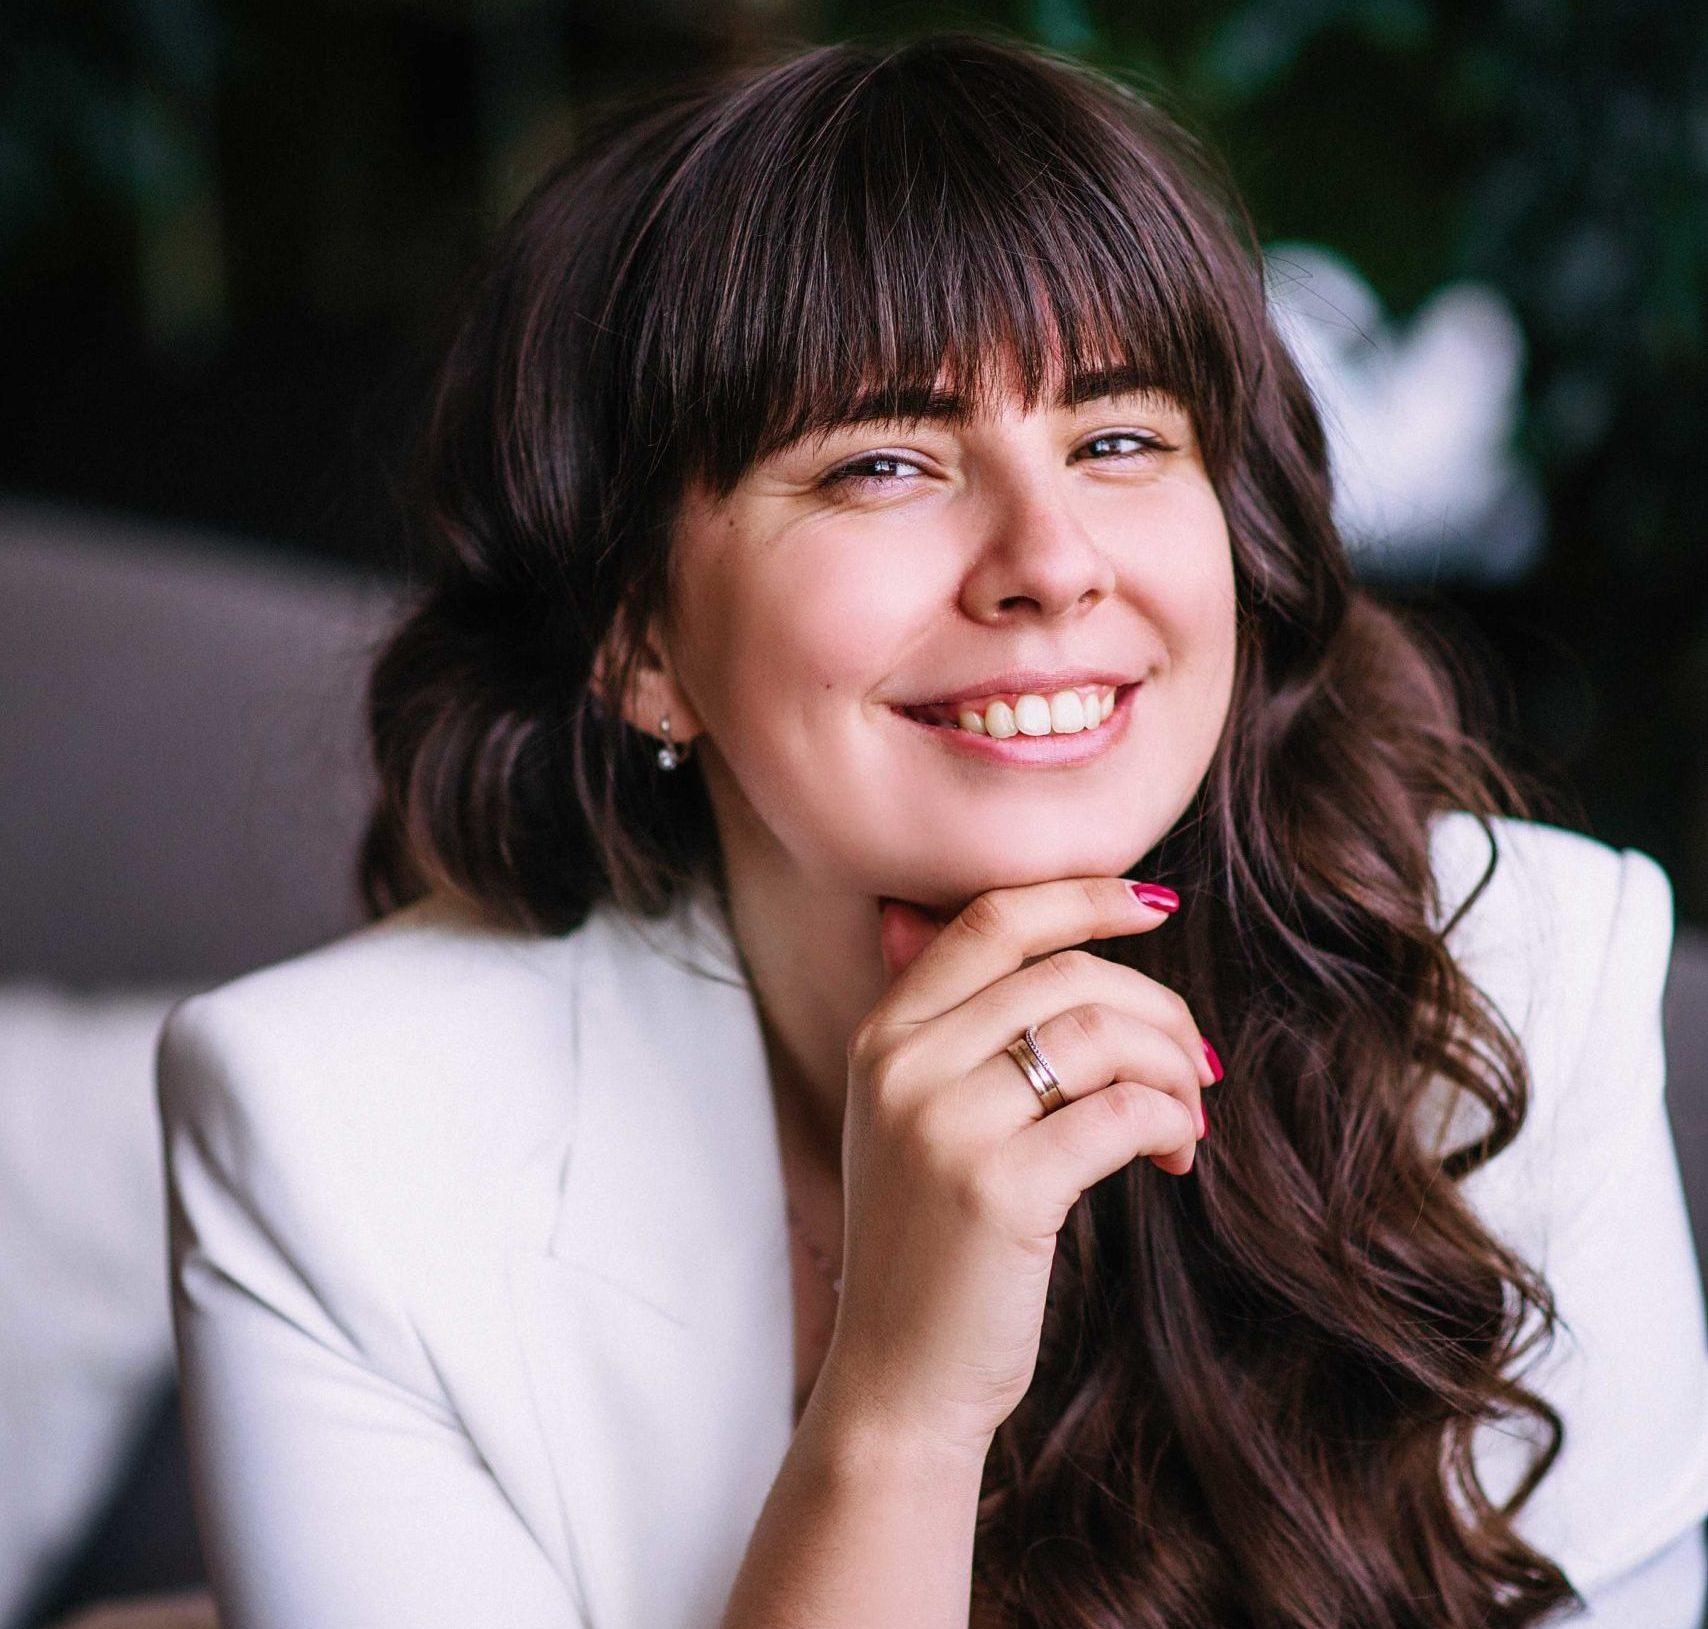 Image of Marta Maltseva